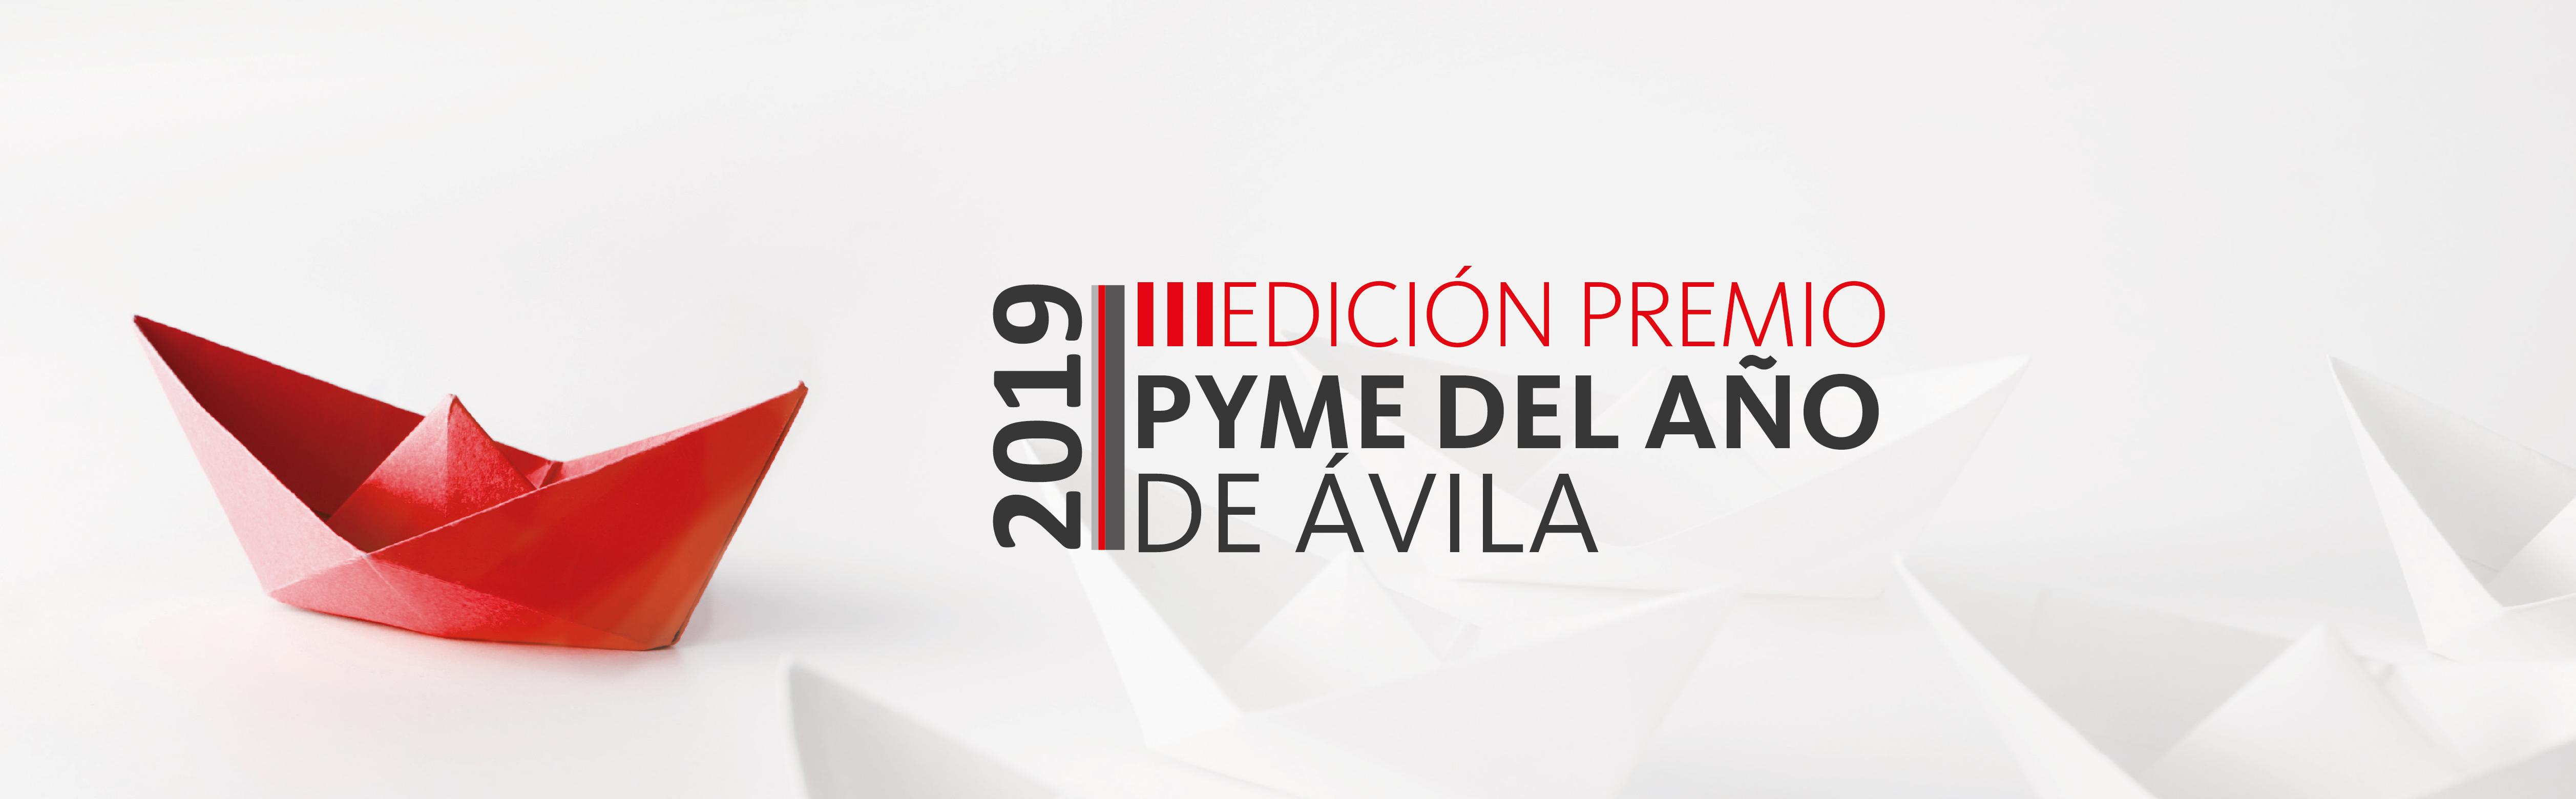 PYME 2019 AVILA